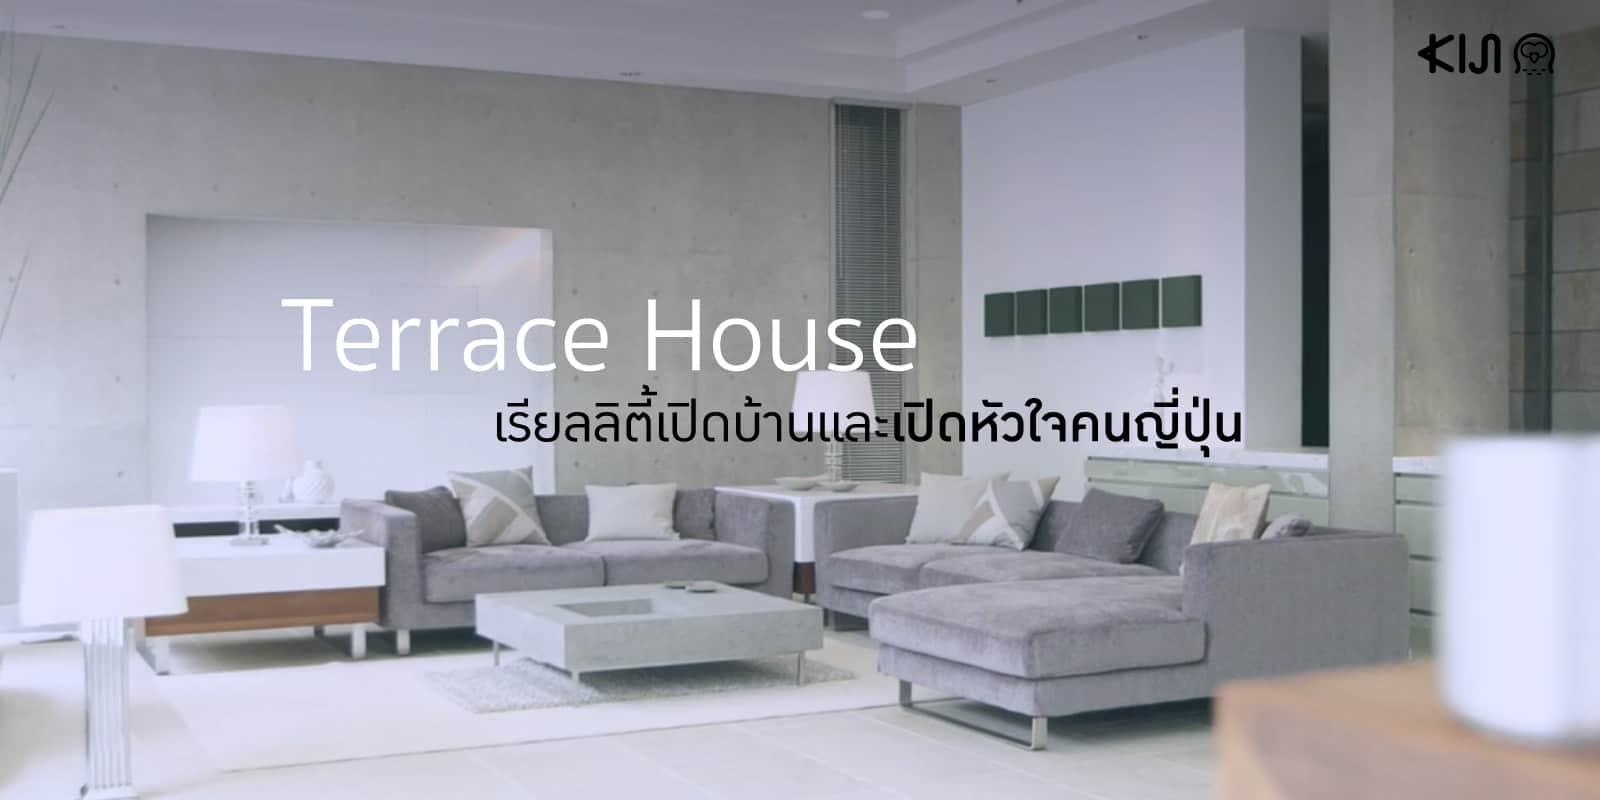 Terrace House เรียลลิตี้เปิดบ้านและเปิดหัวใจคนญี่ปุ่น